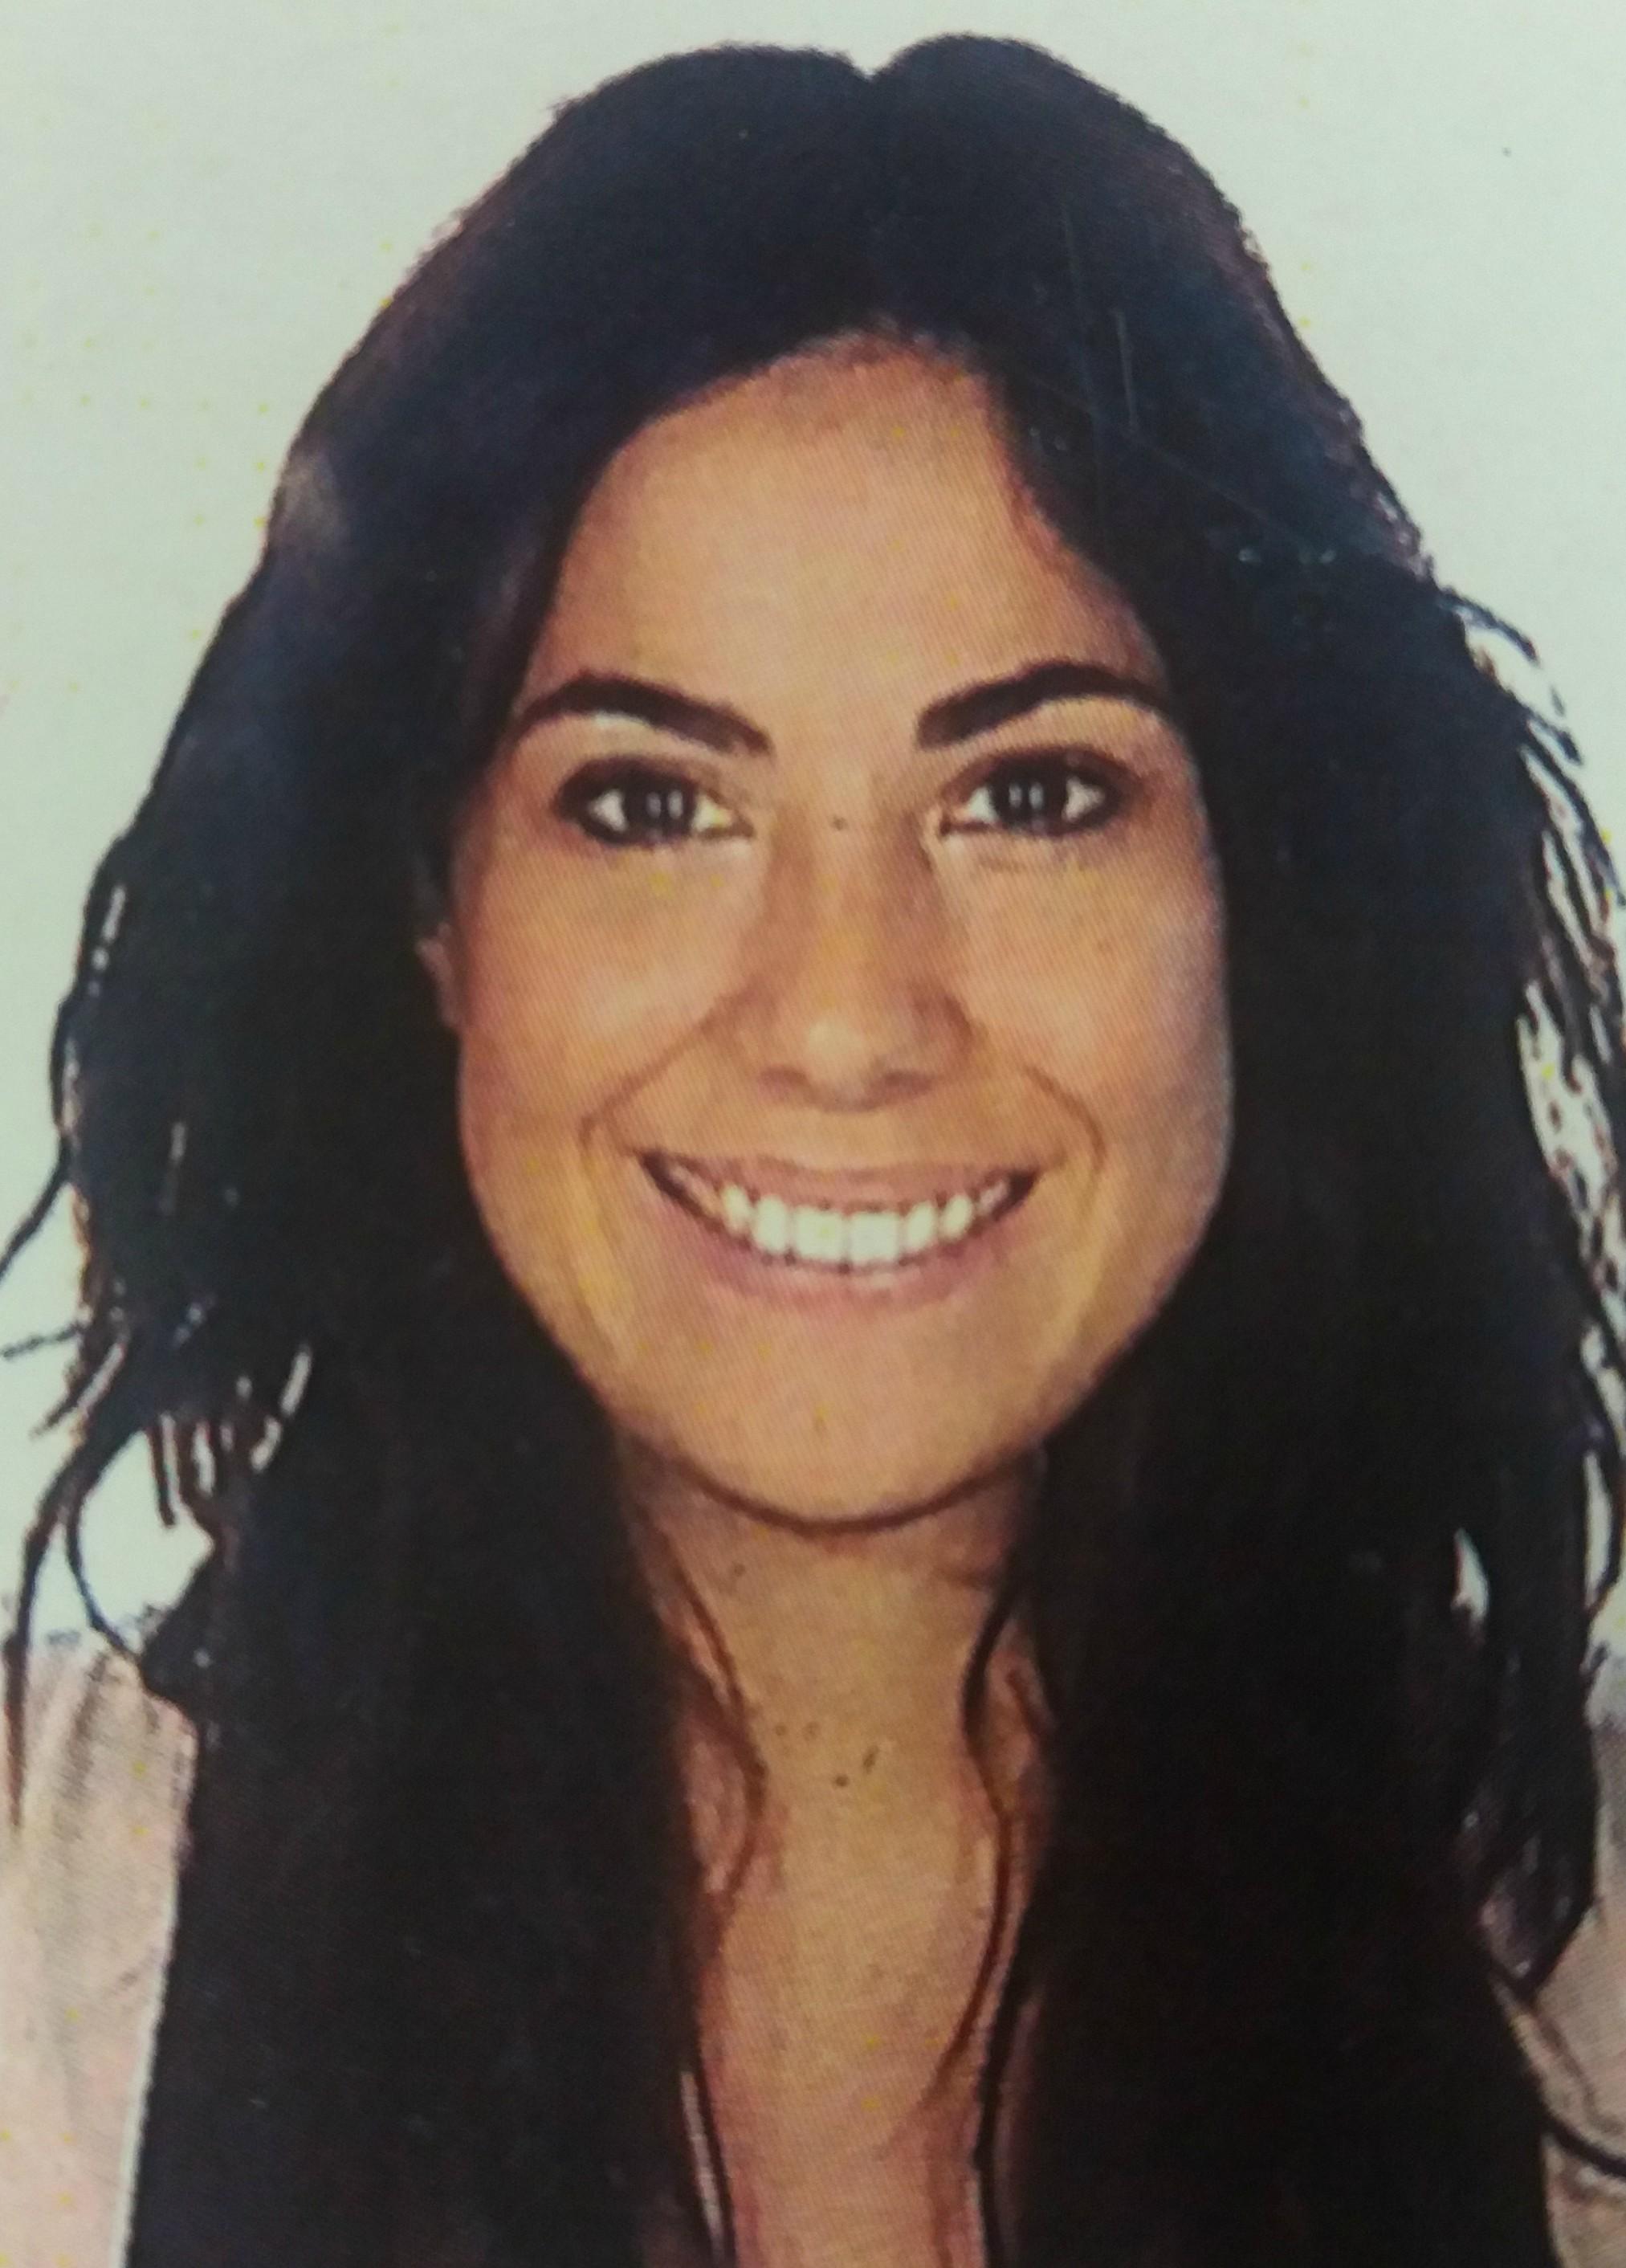 María Saavedra Garlito